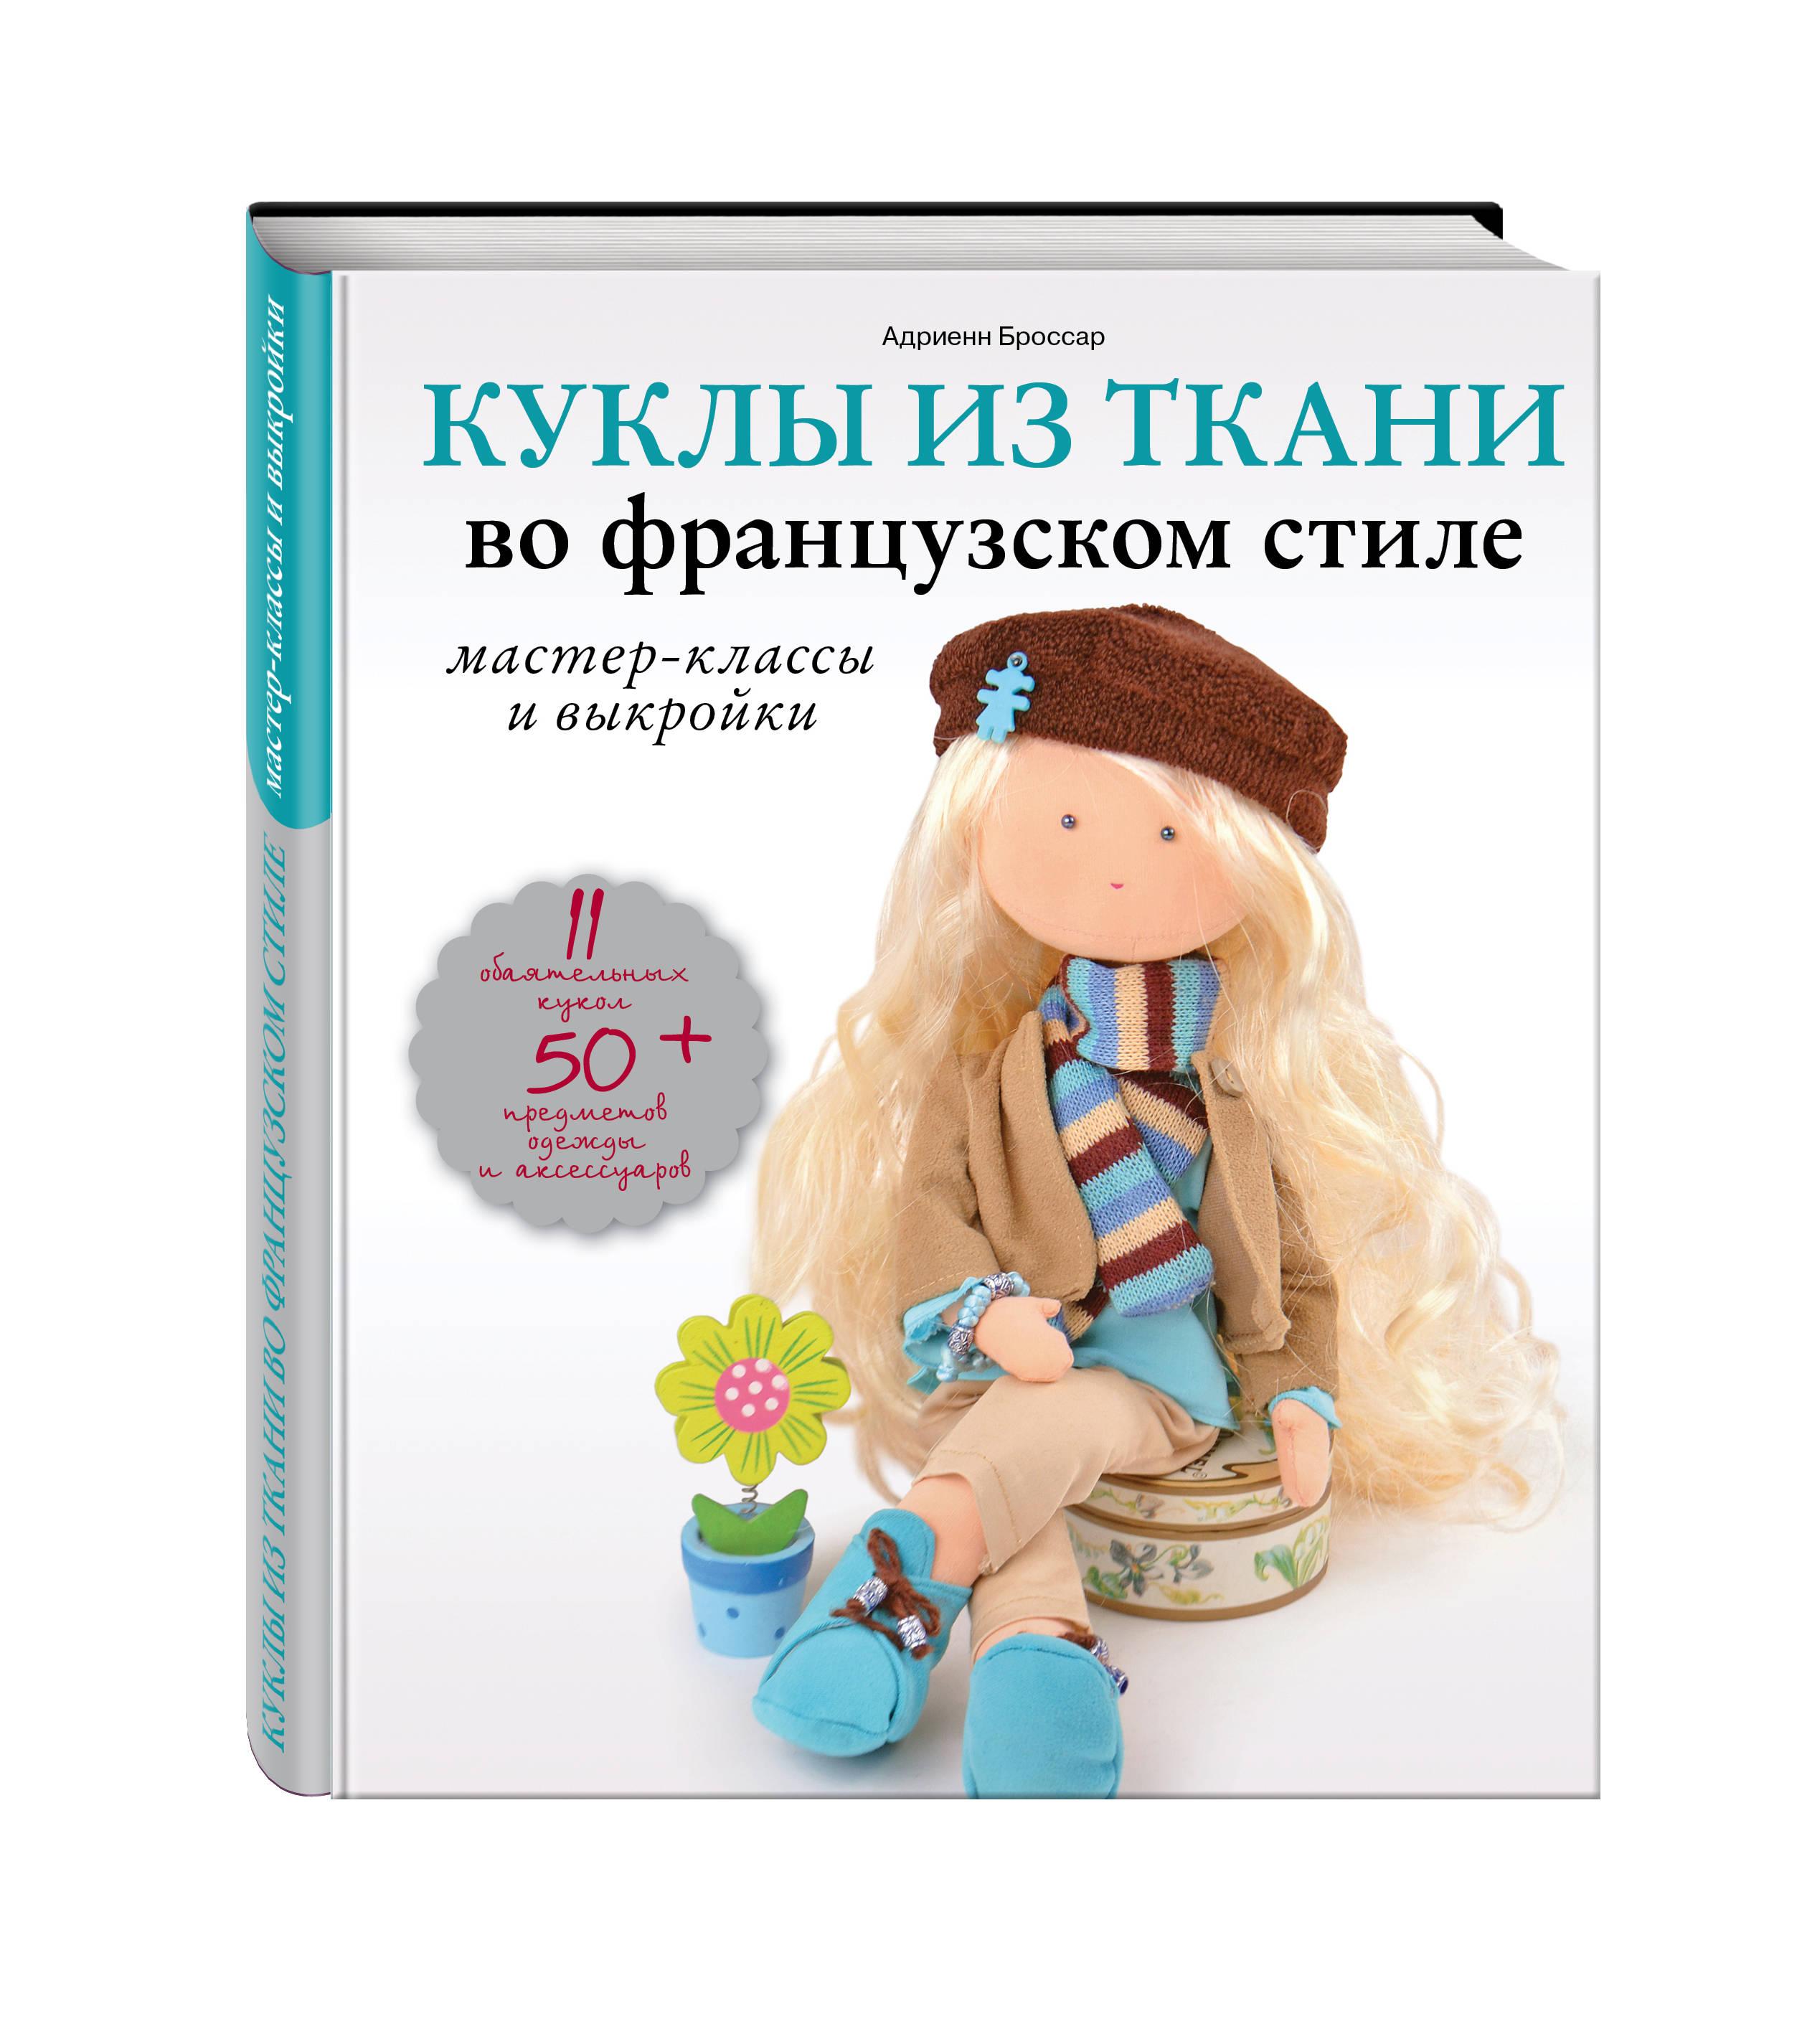 Куклы из ткани во французском стиле: мастер-классы и выкройки ( Адриенн Броссар  )